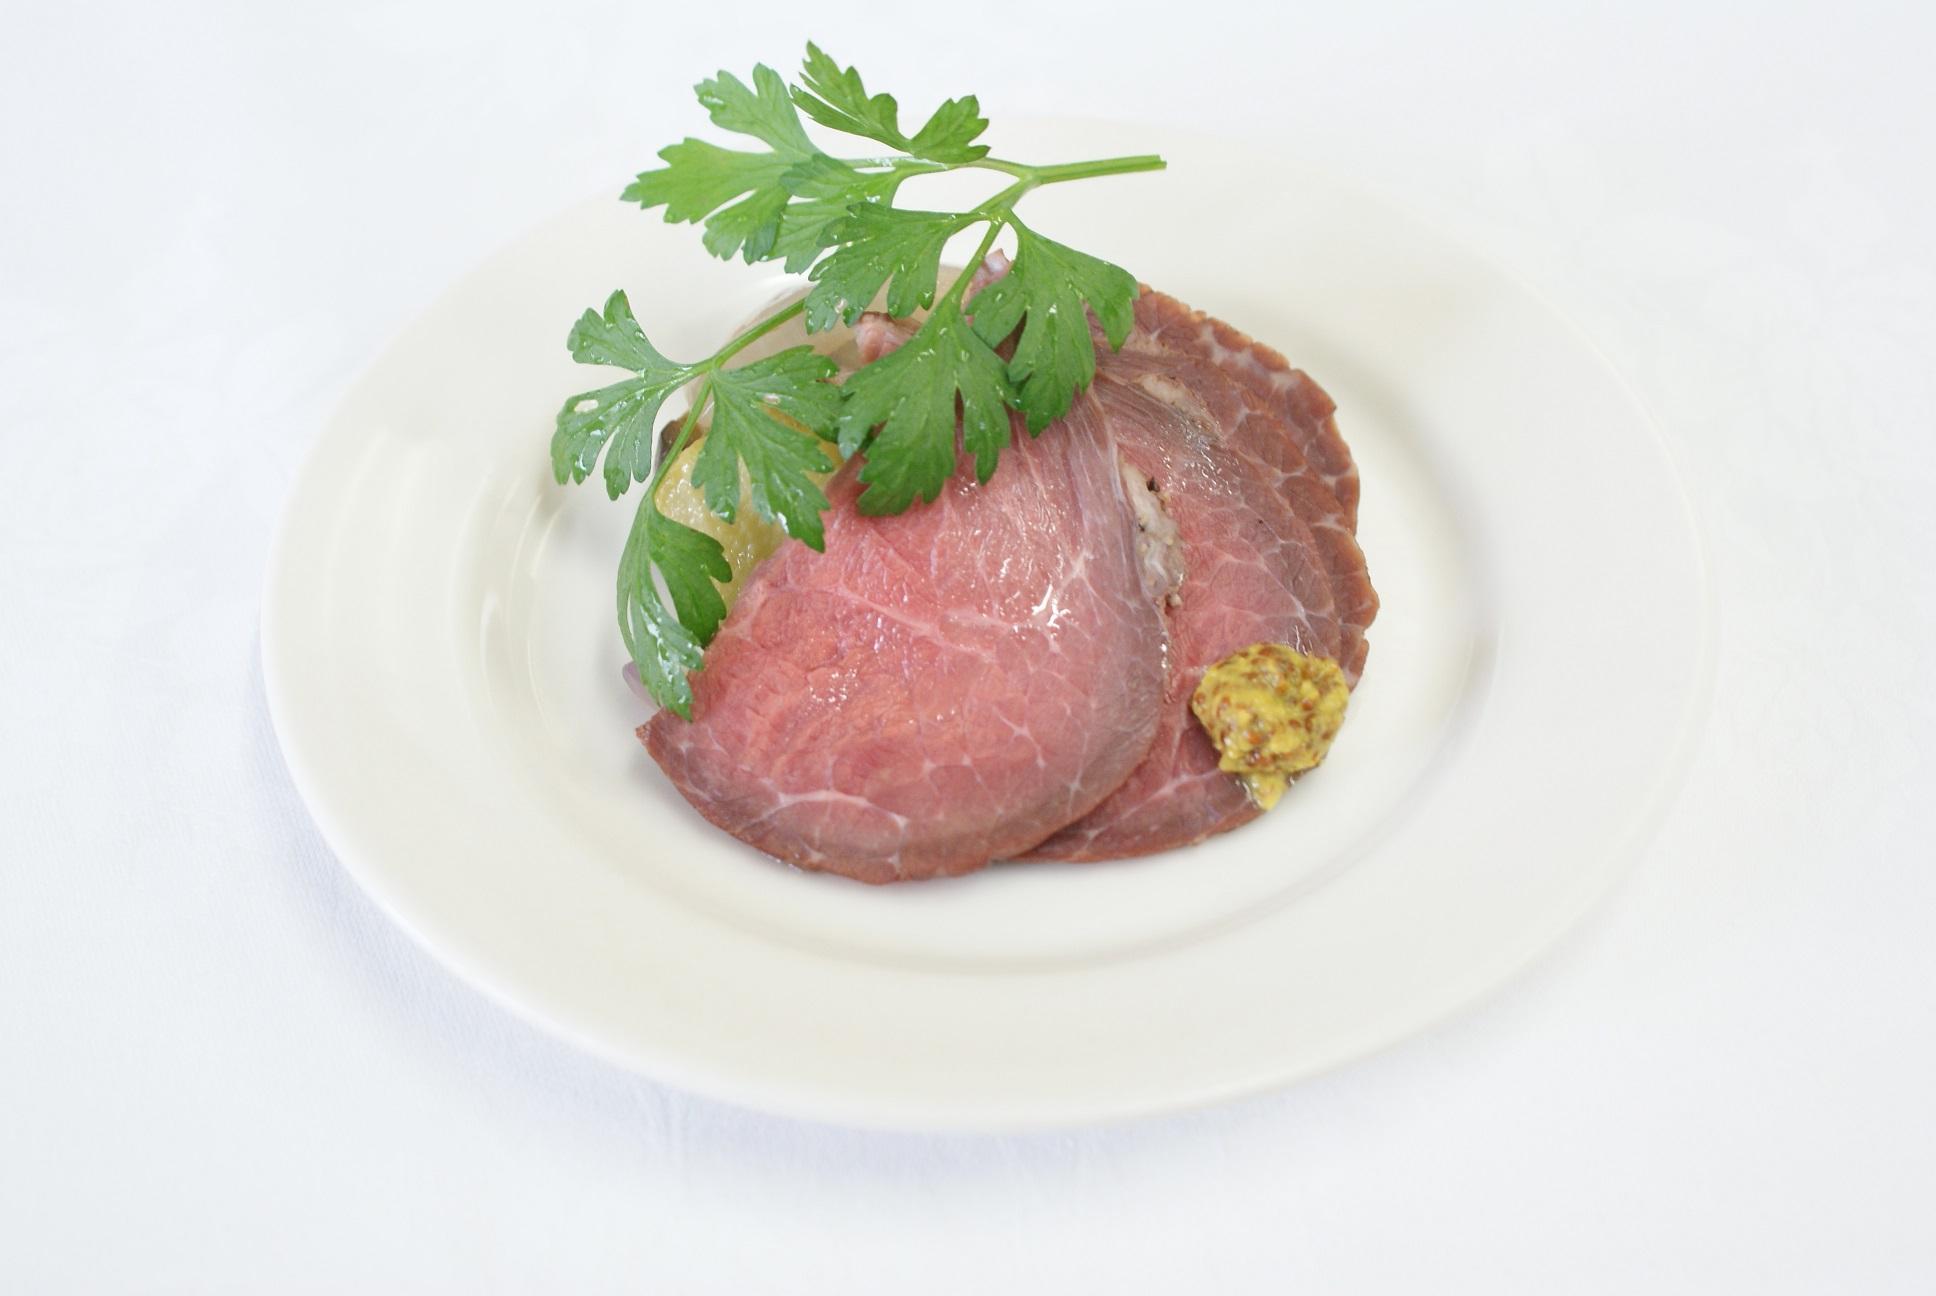 【完全個別包装のカップオードヴル】牛肉のソテーとフォアグラのロッシーニ風 と選べるカップオードヴル画像2